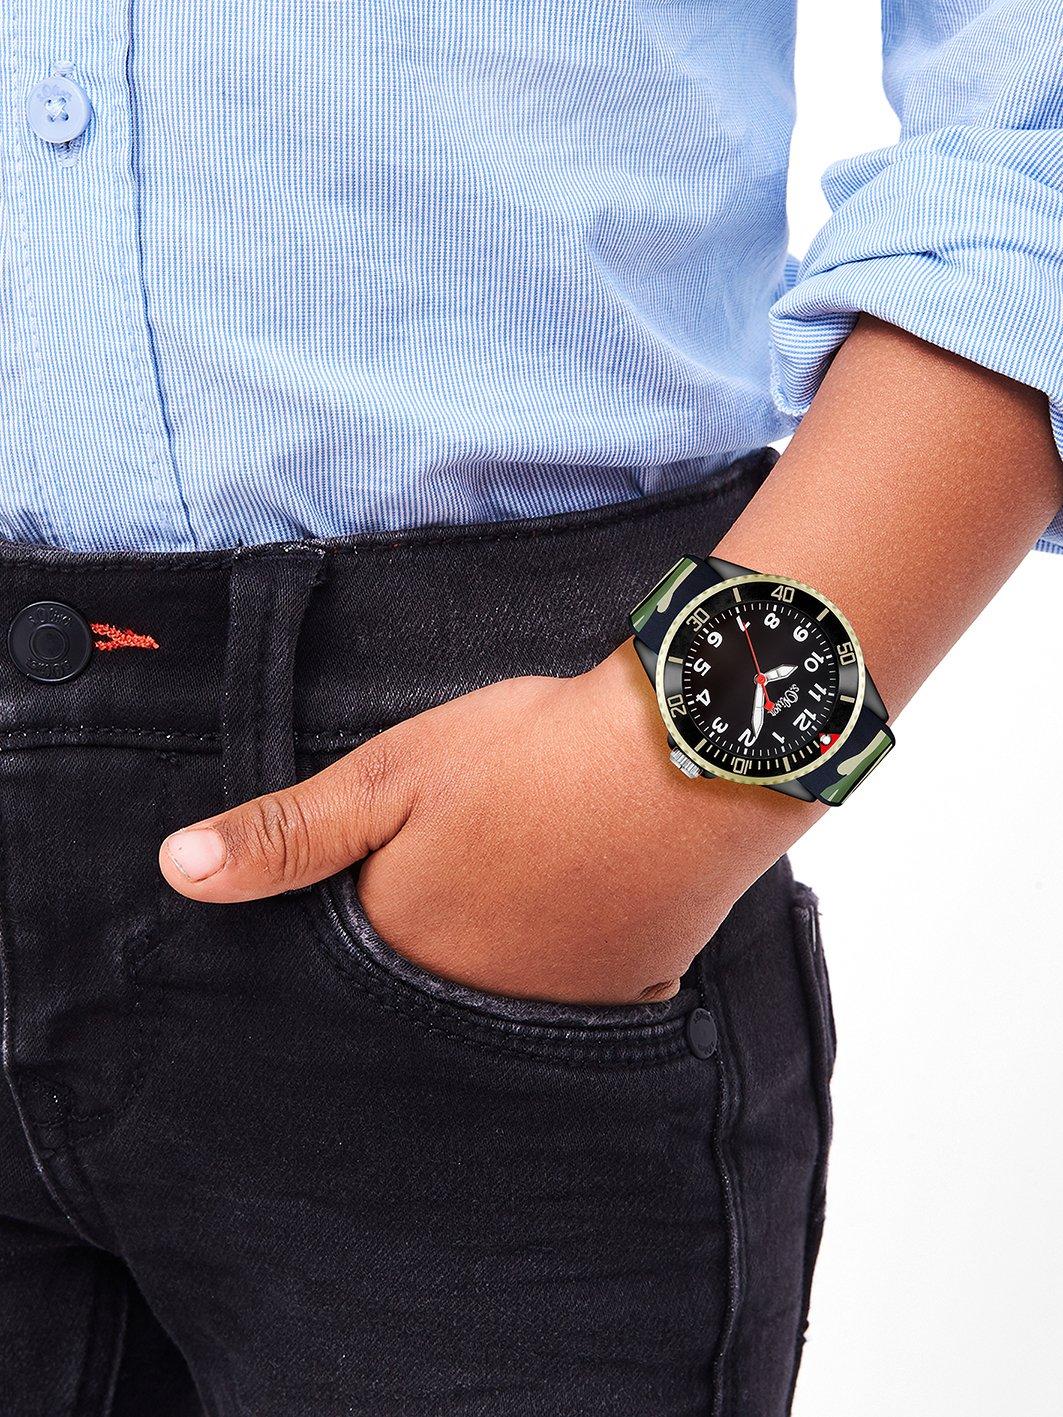 sOliver-Unisex-Armbanduhr-Analog-Quarz-Silikon